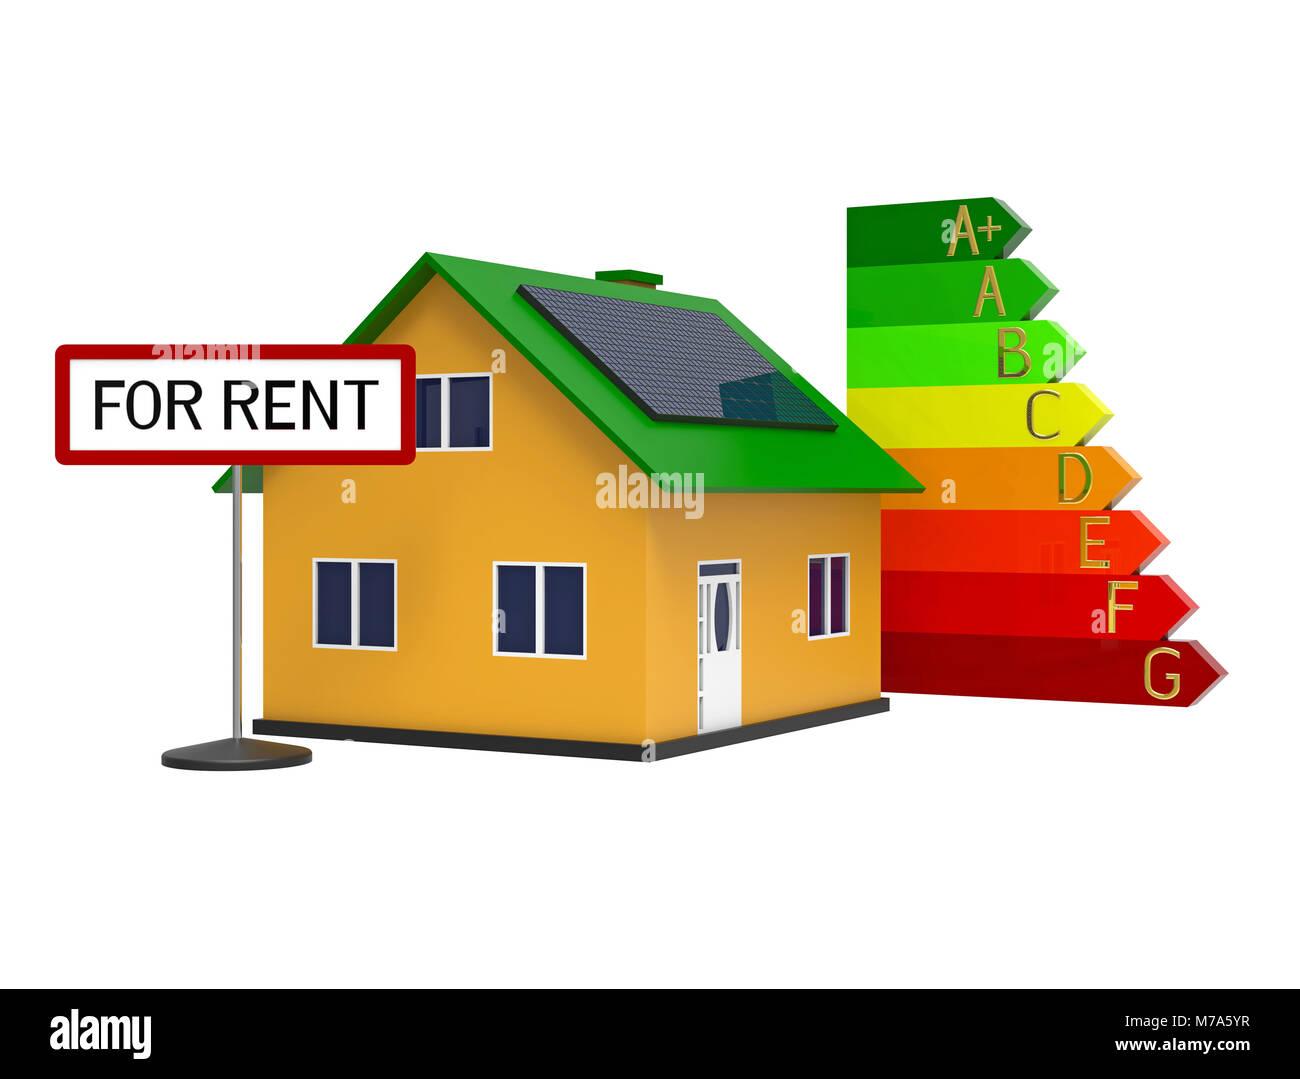 Haus Mit Solar Panel Für Mieten, 3D Rendering, Auf Weißem Hintergrund  Stockbild